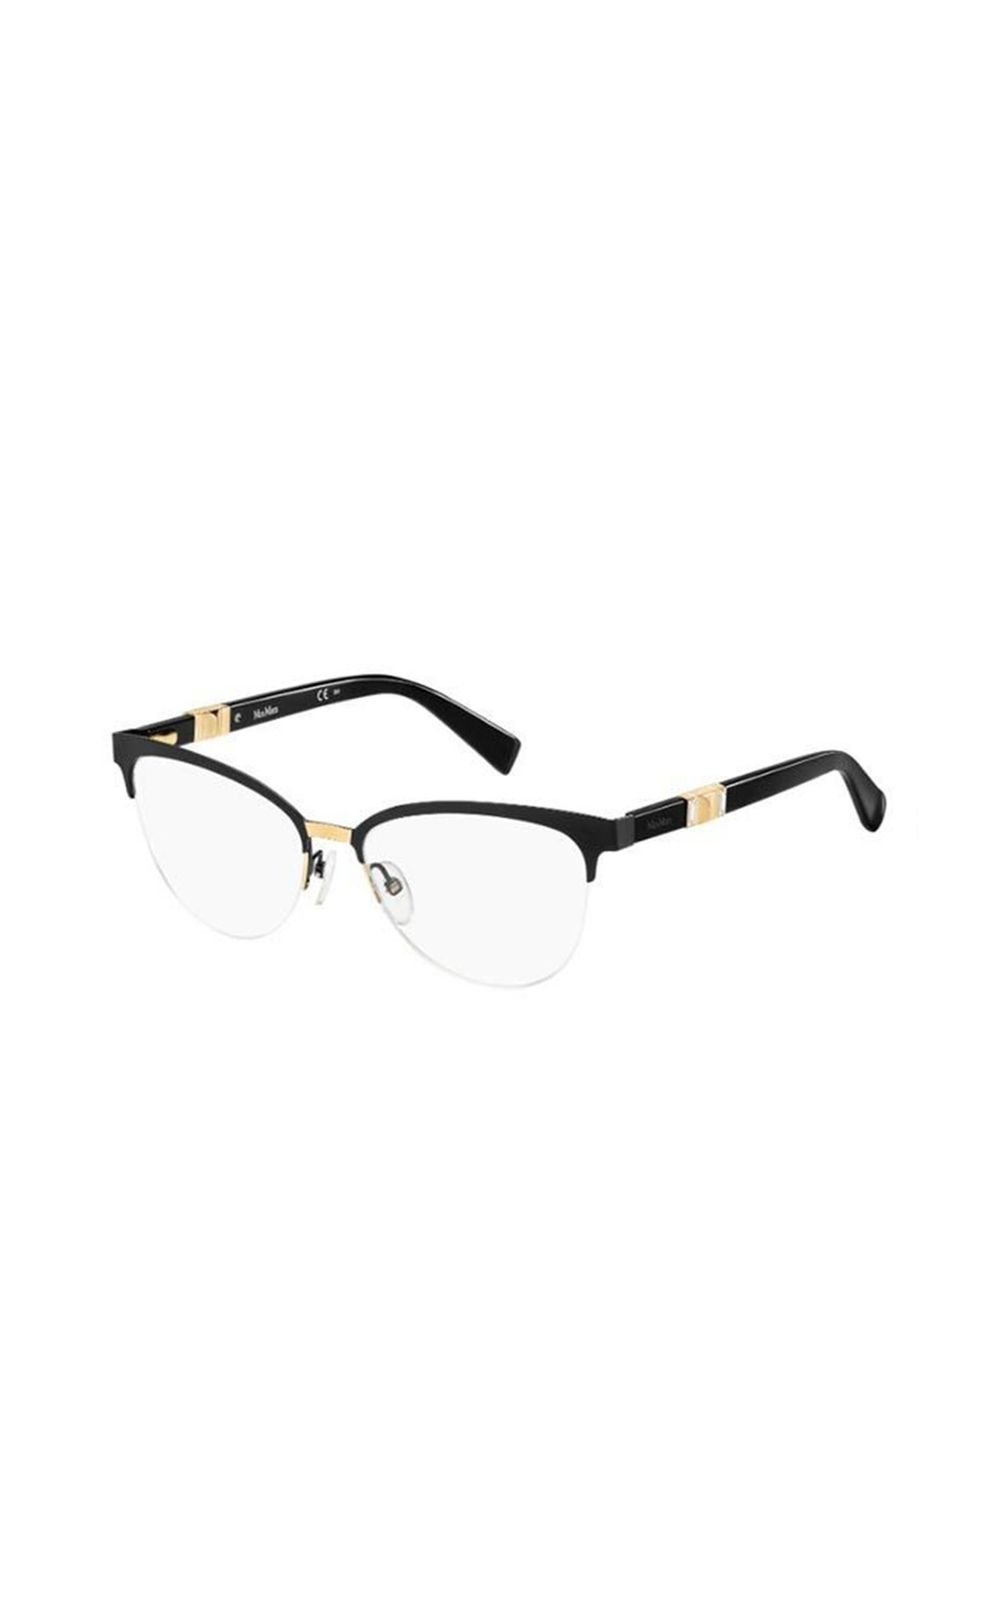 Óculos de Grau Max Mara 1291 0V4   Opte+ 80df6a2d94